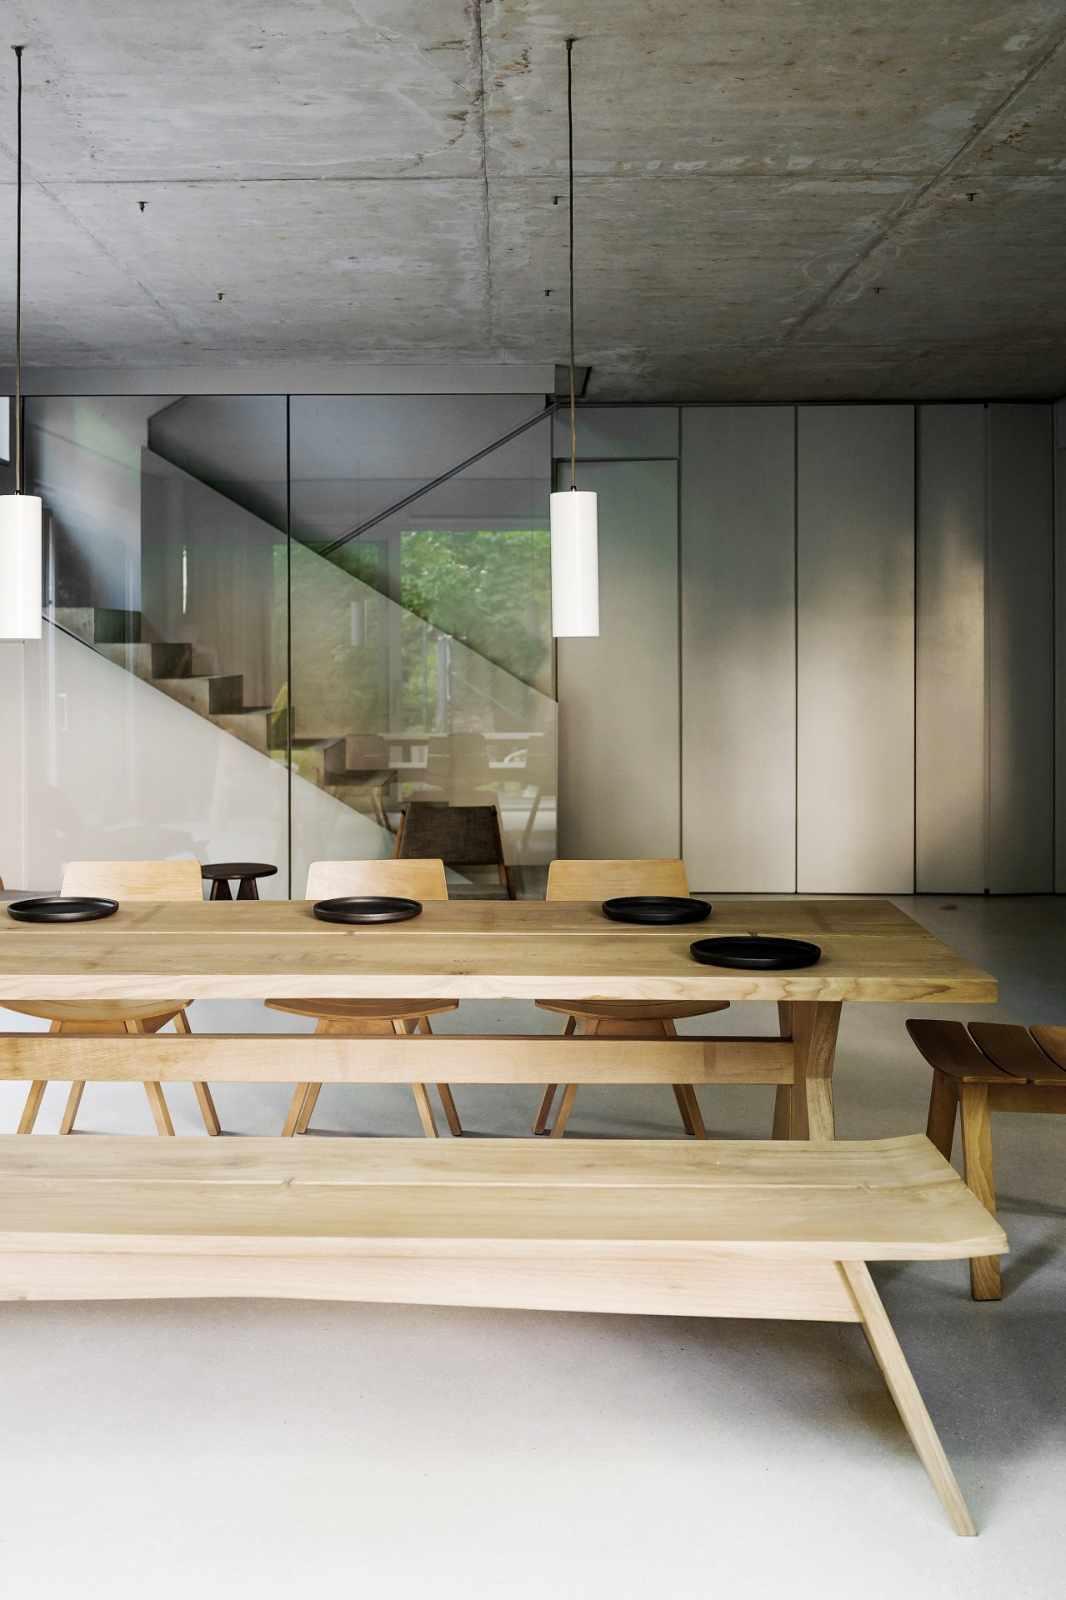 House-on-Prenzlauer-Berg-dining